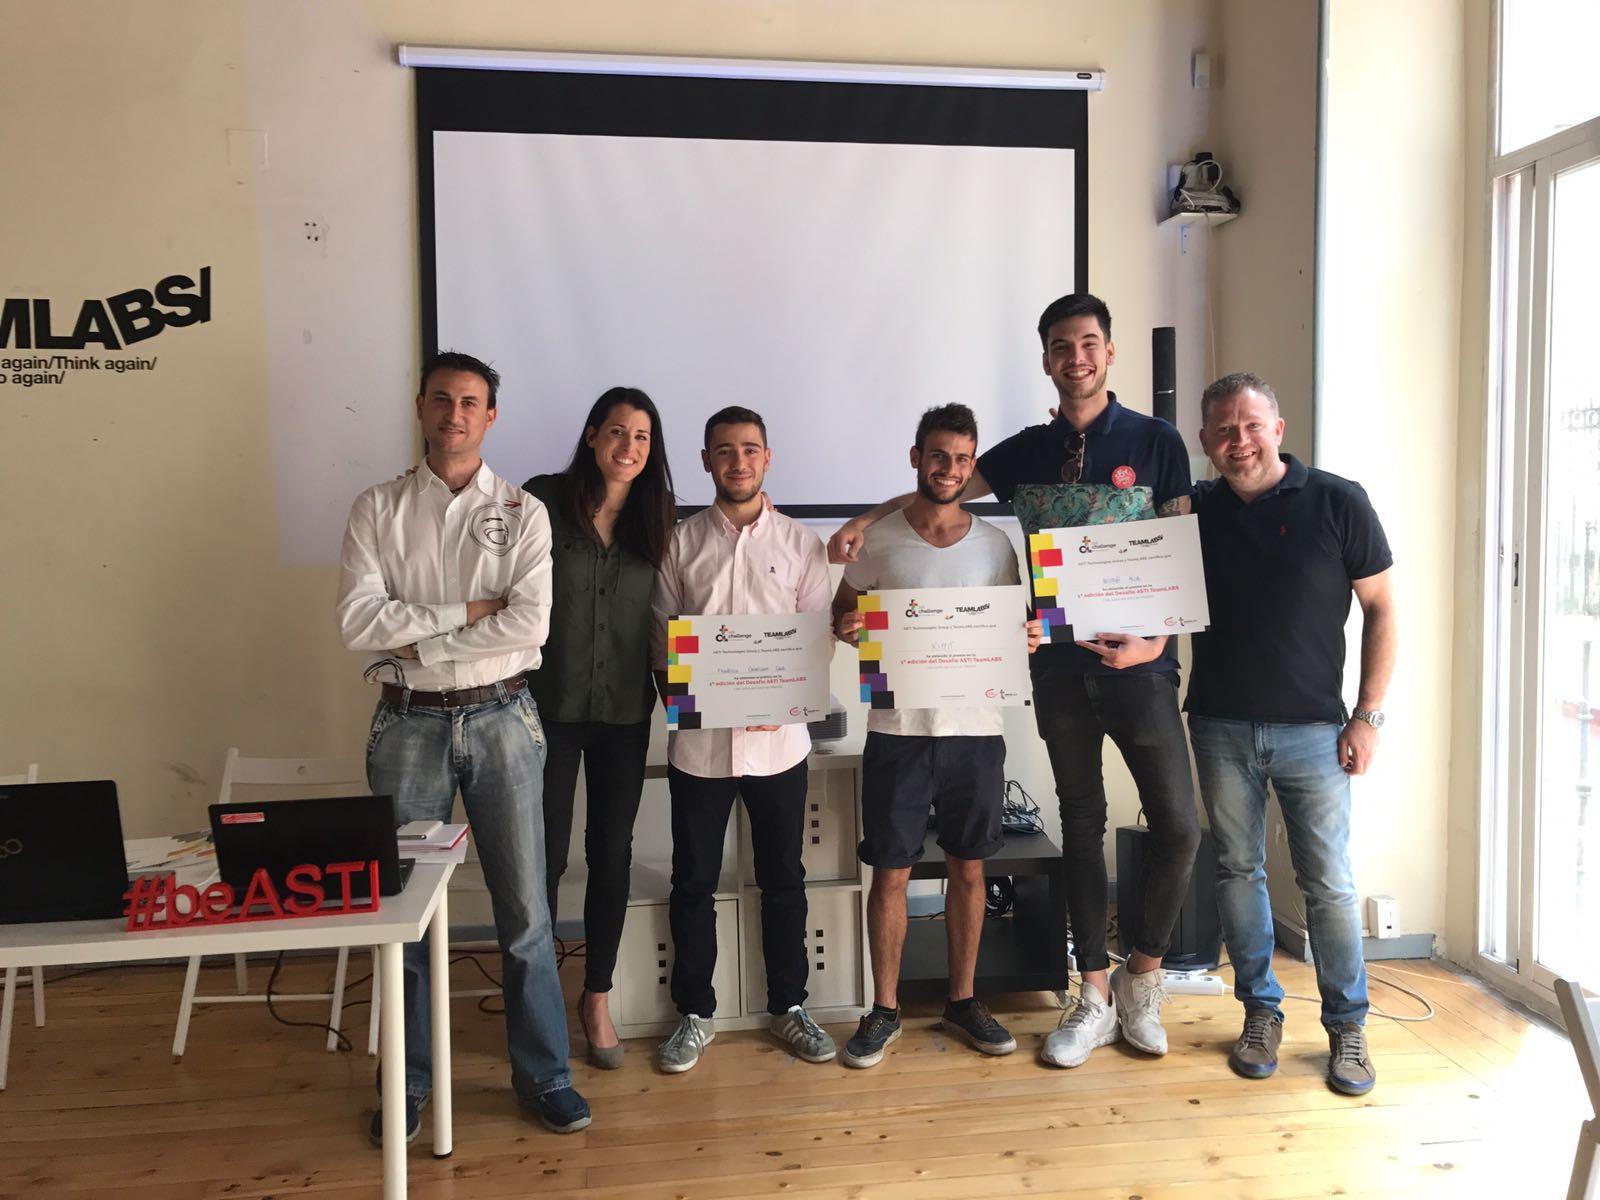 Un proyecto de Kippit de Madrid gana el I Desafío ASTI Teamlabs